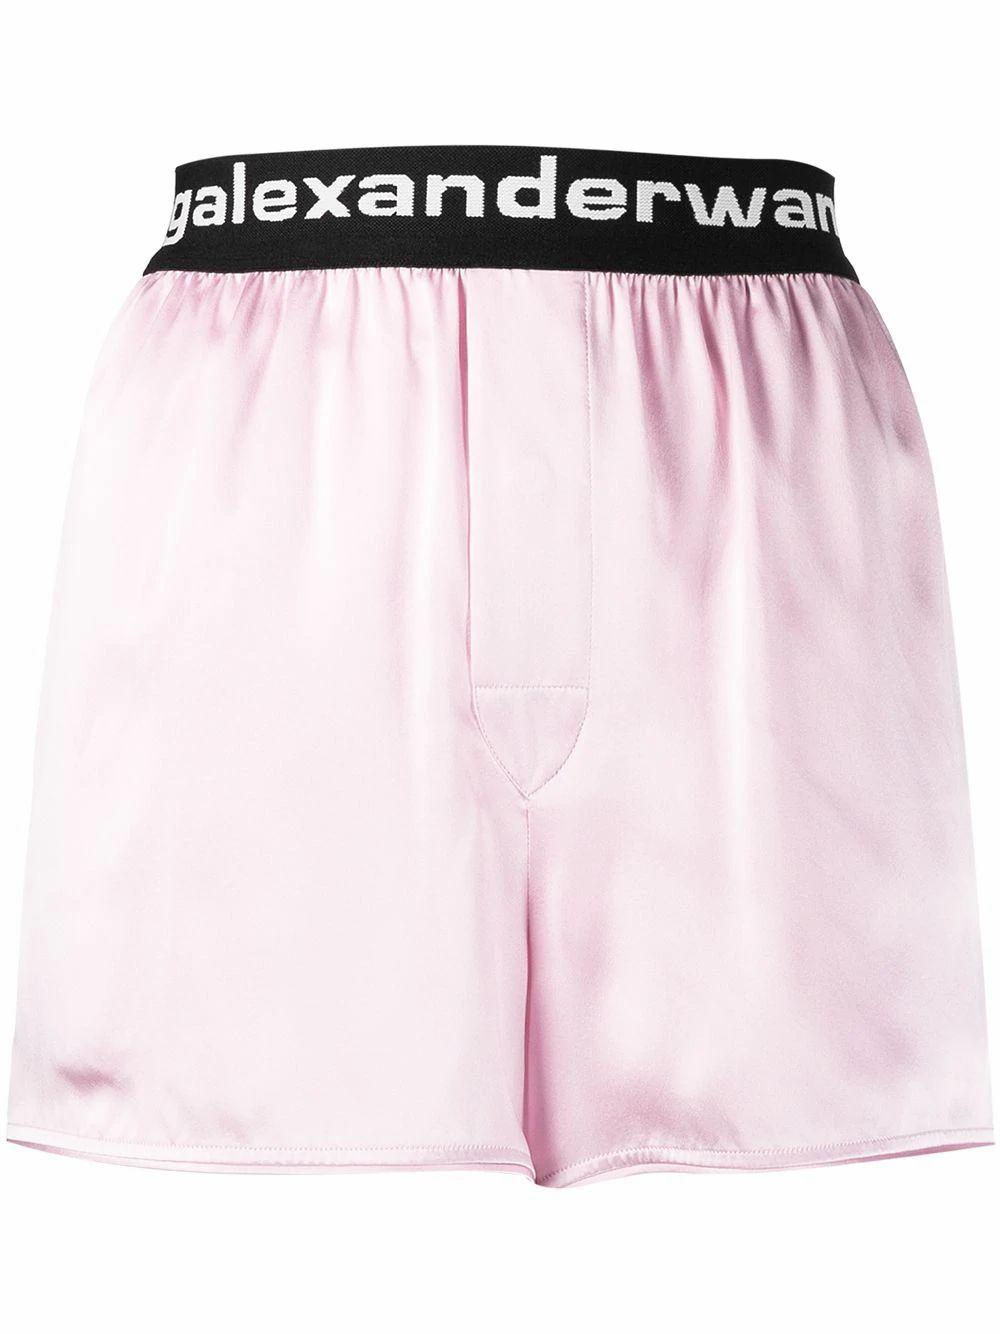 Alexander Wang Silks ALEXANDER WANG WOMEN'S PINK SILK SHORTS